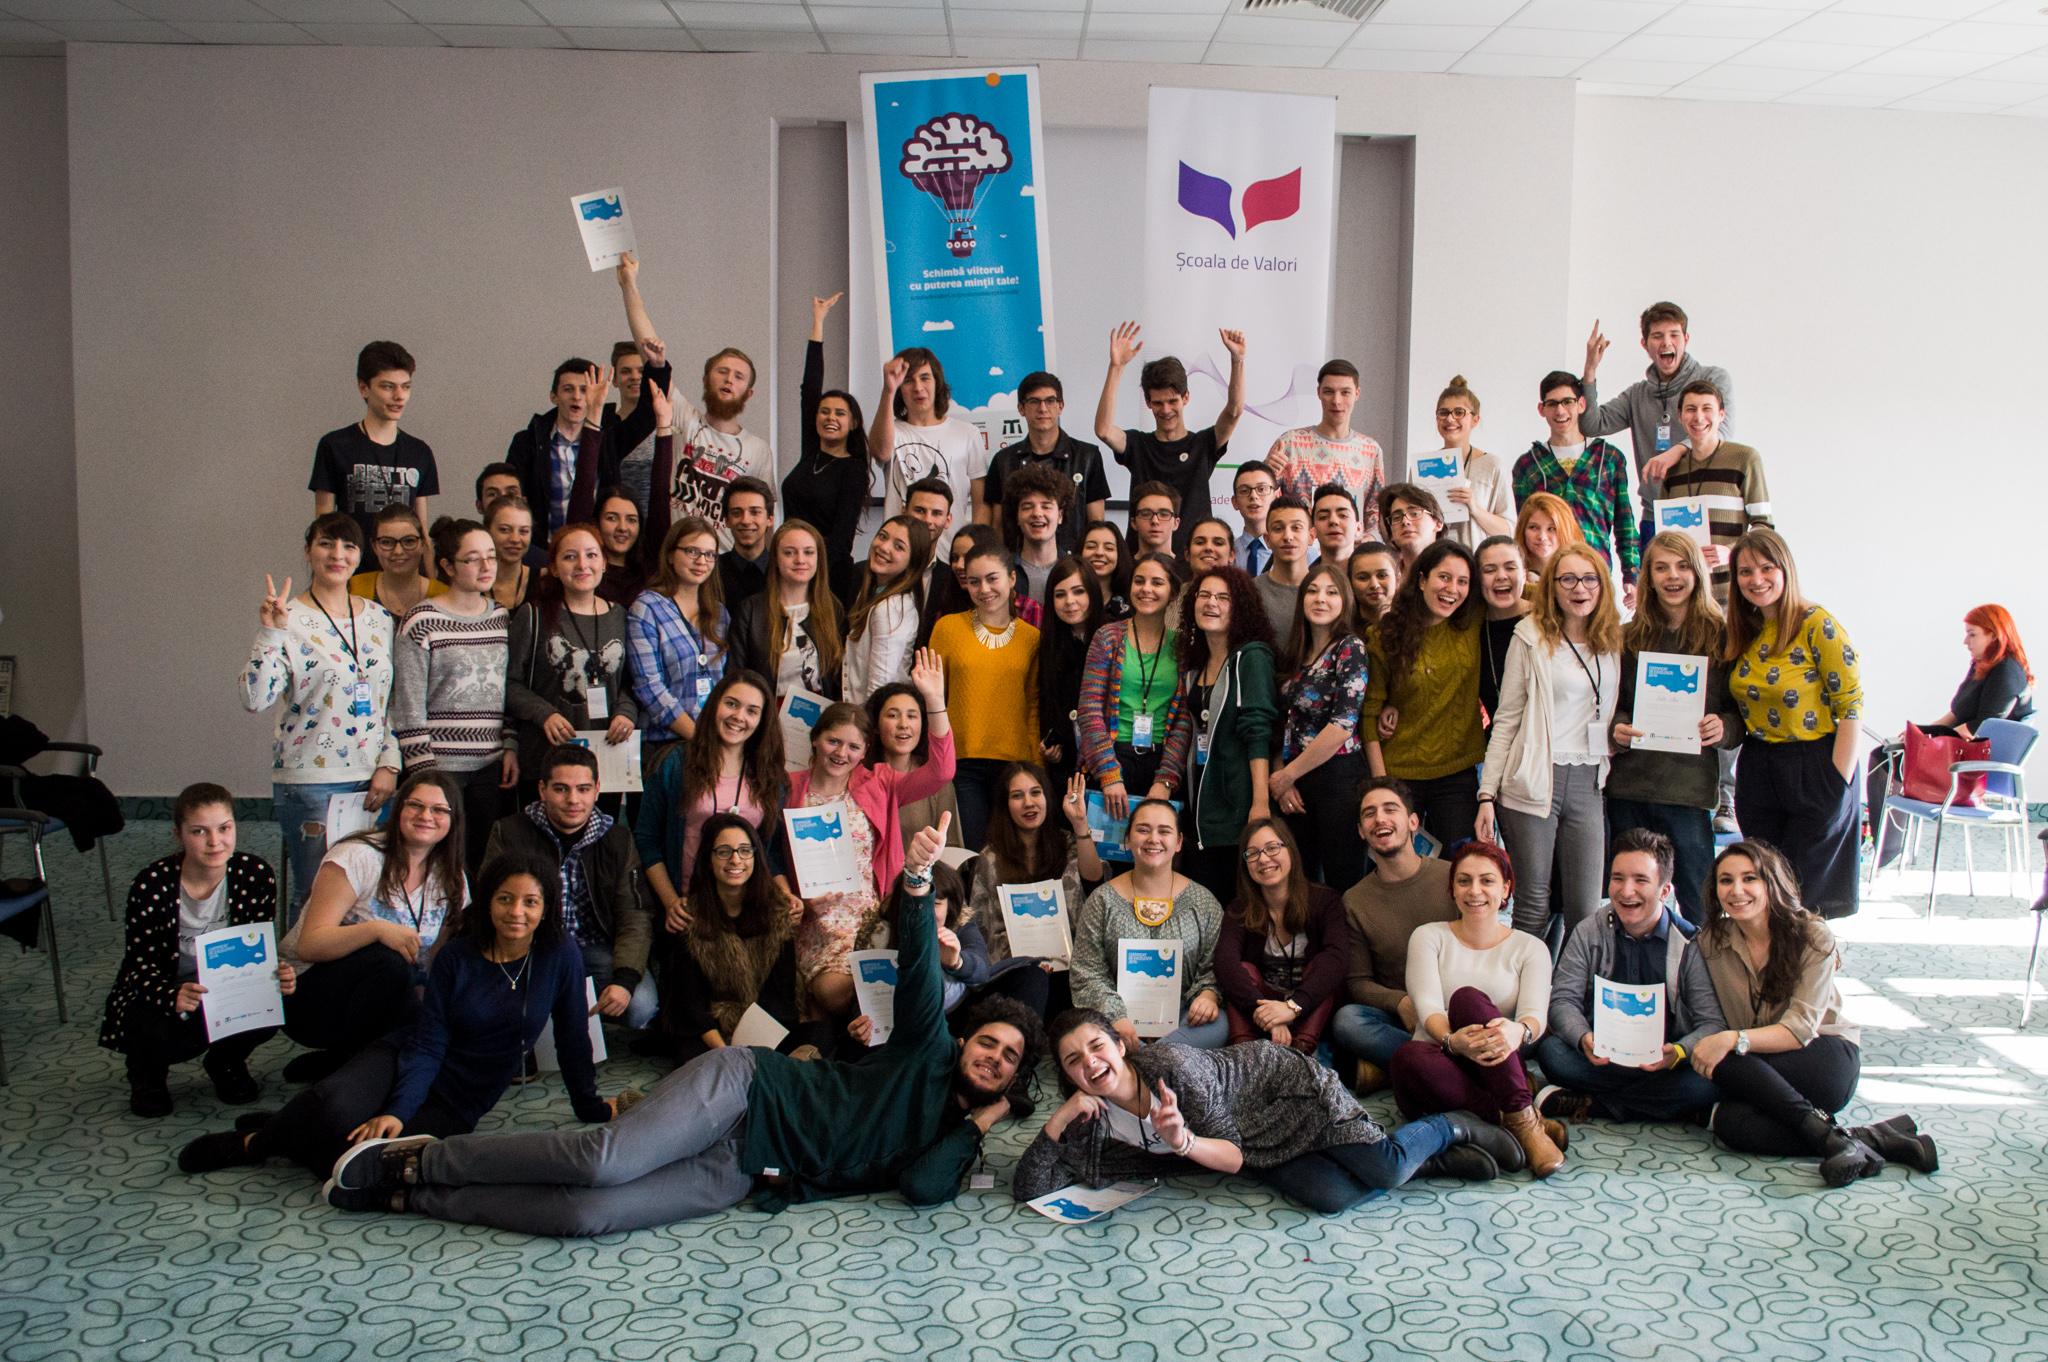 77 de tineri Excepționali din România își propun să schimbe lumea